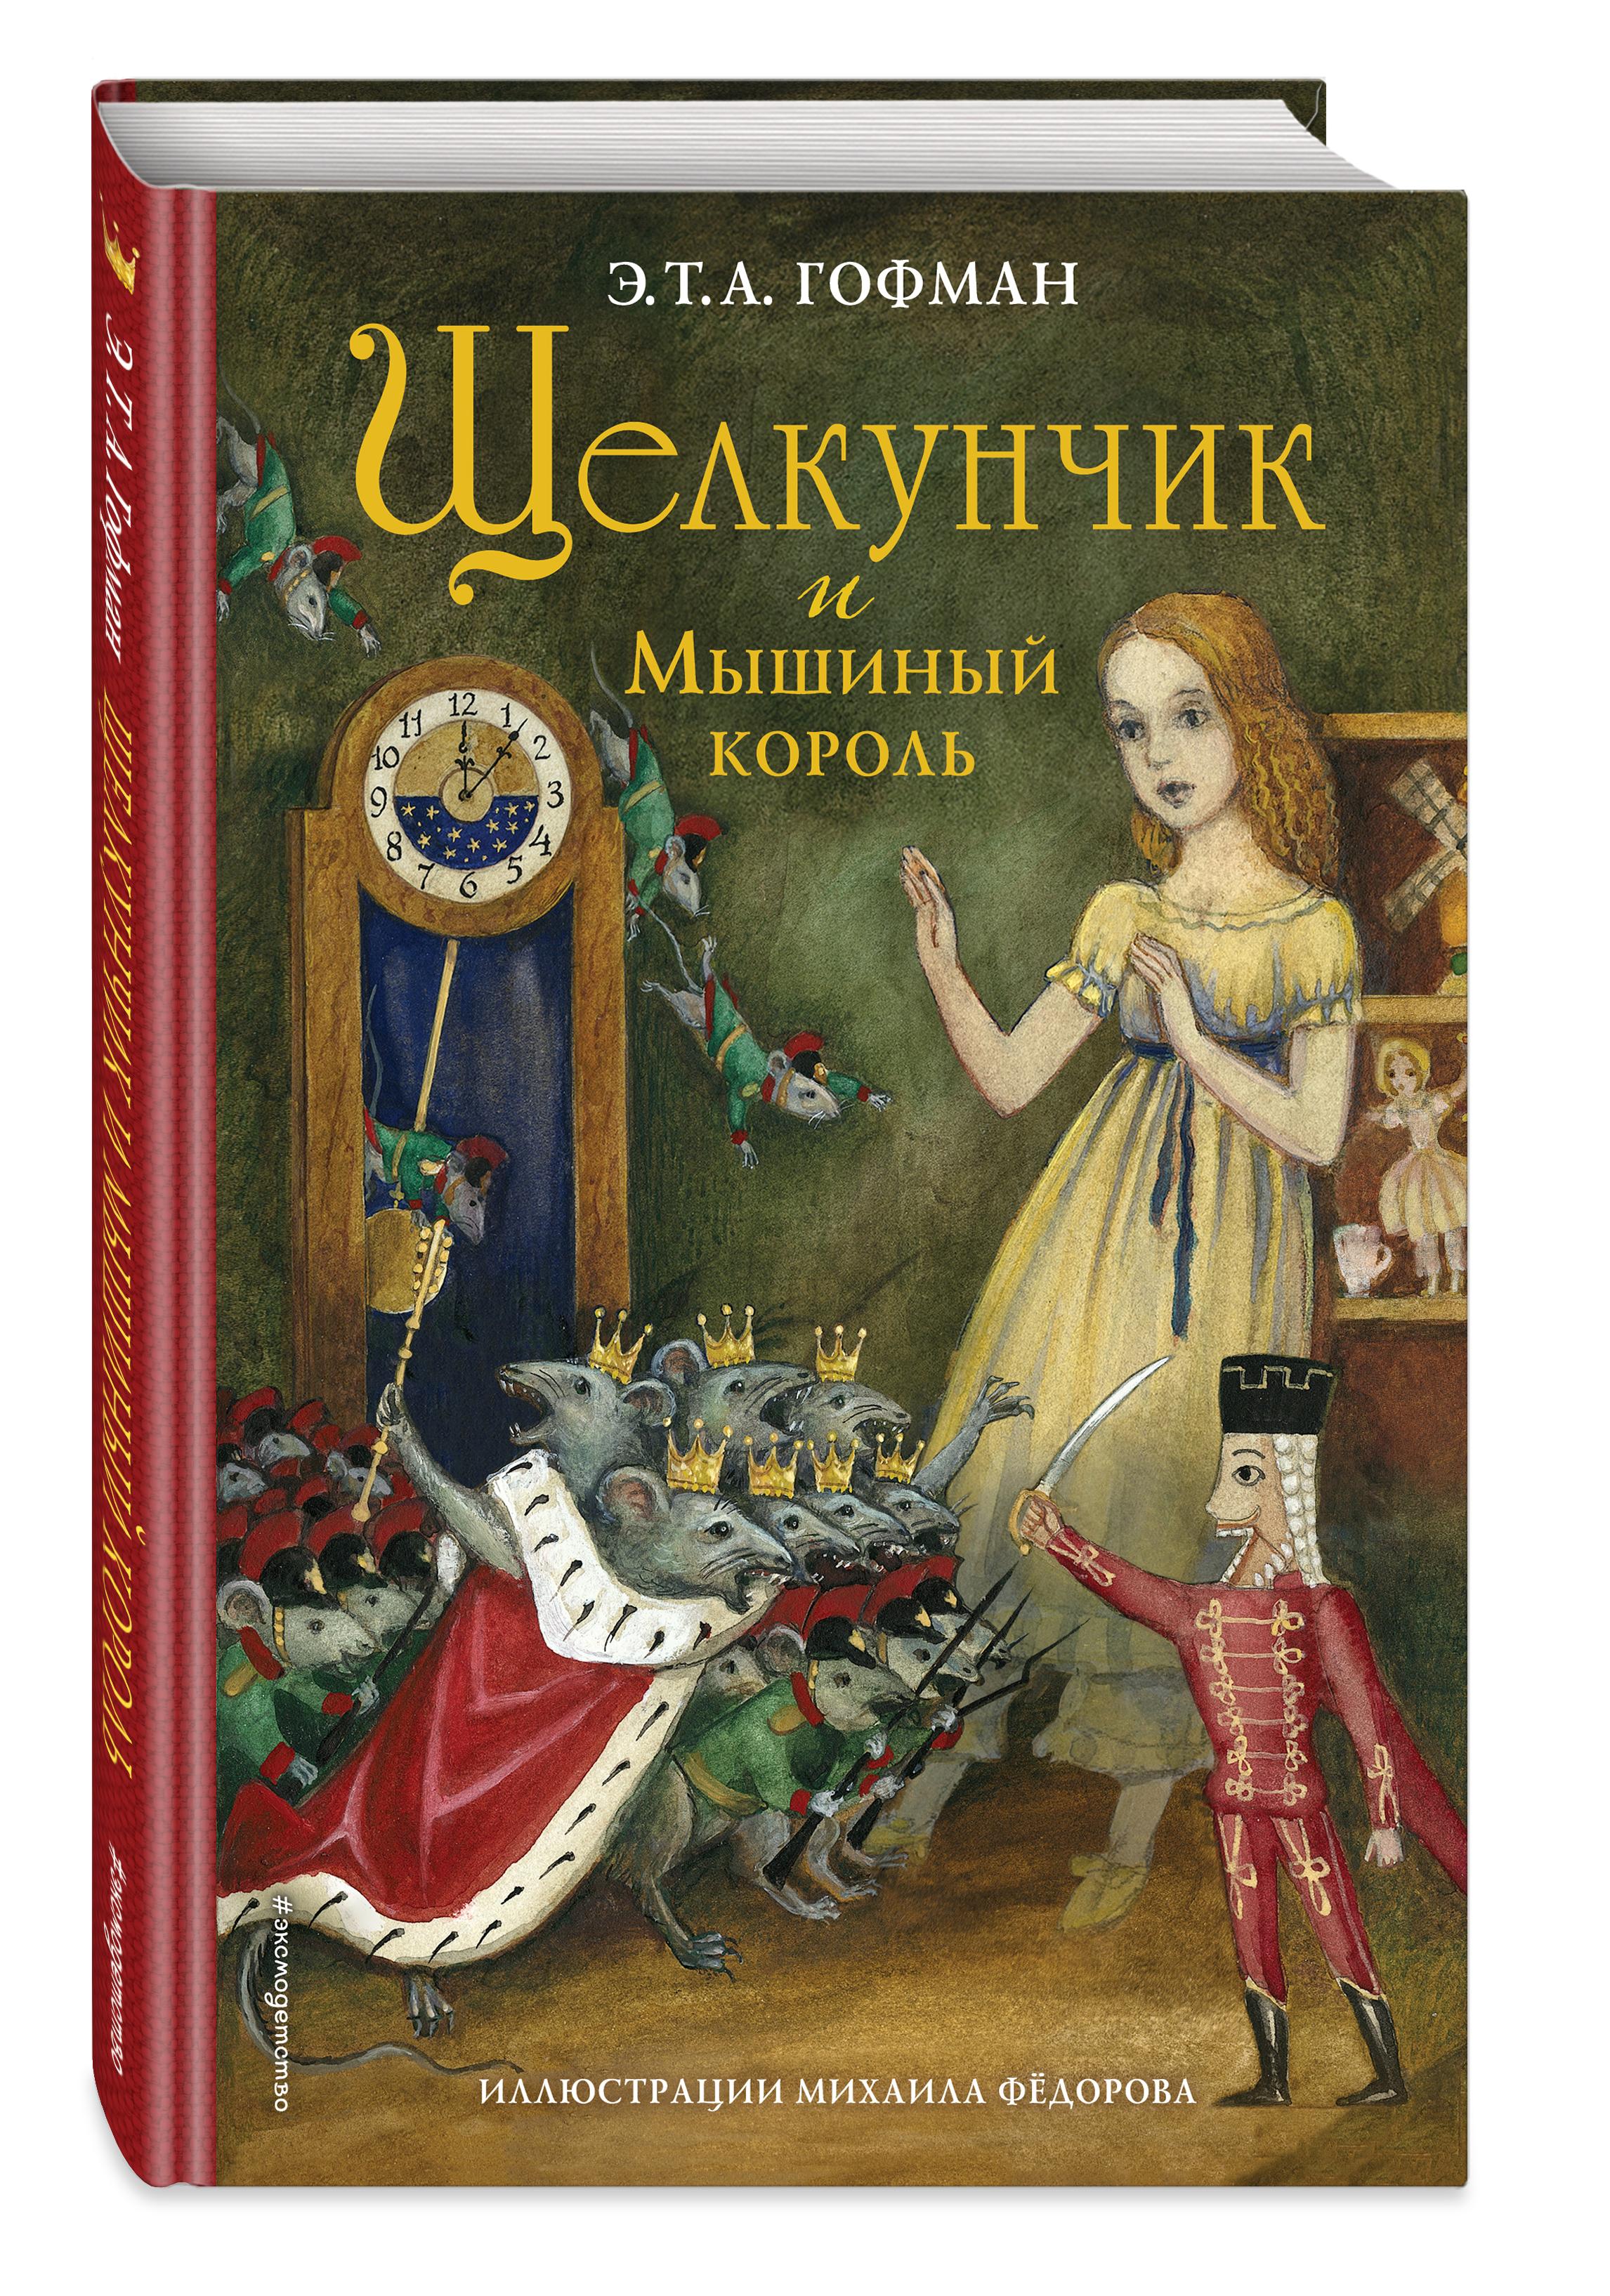 Гофман Э.Т.А. Щелкунчик и Мышиный король рождественская сказка